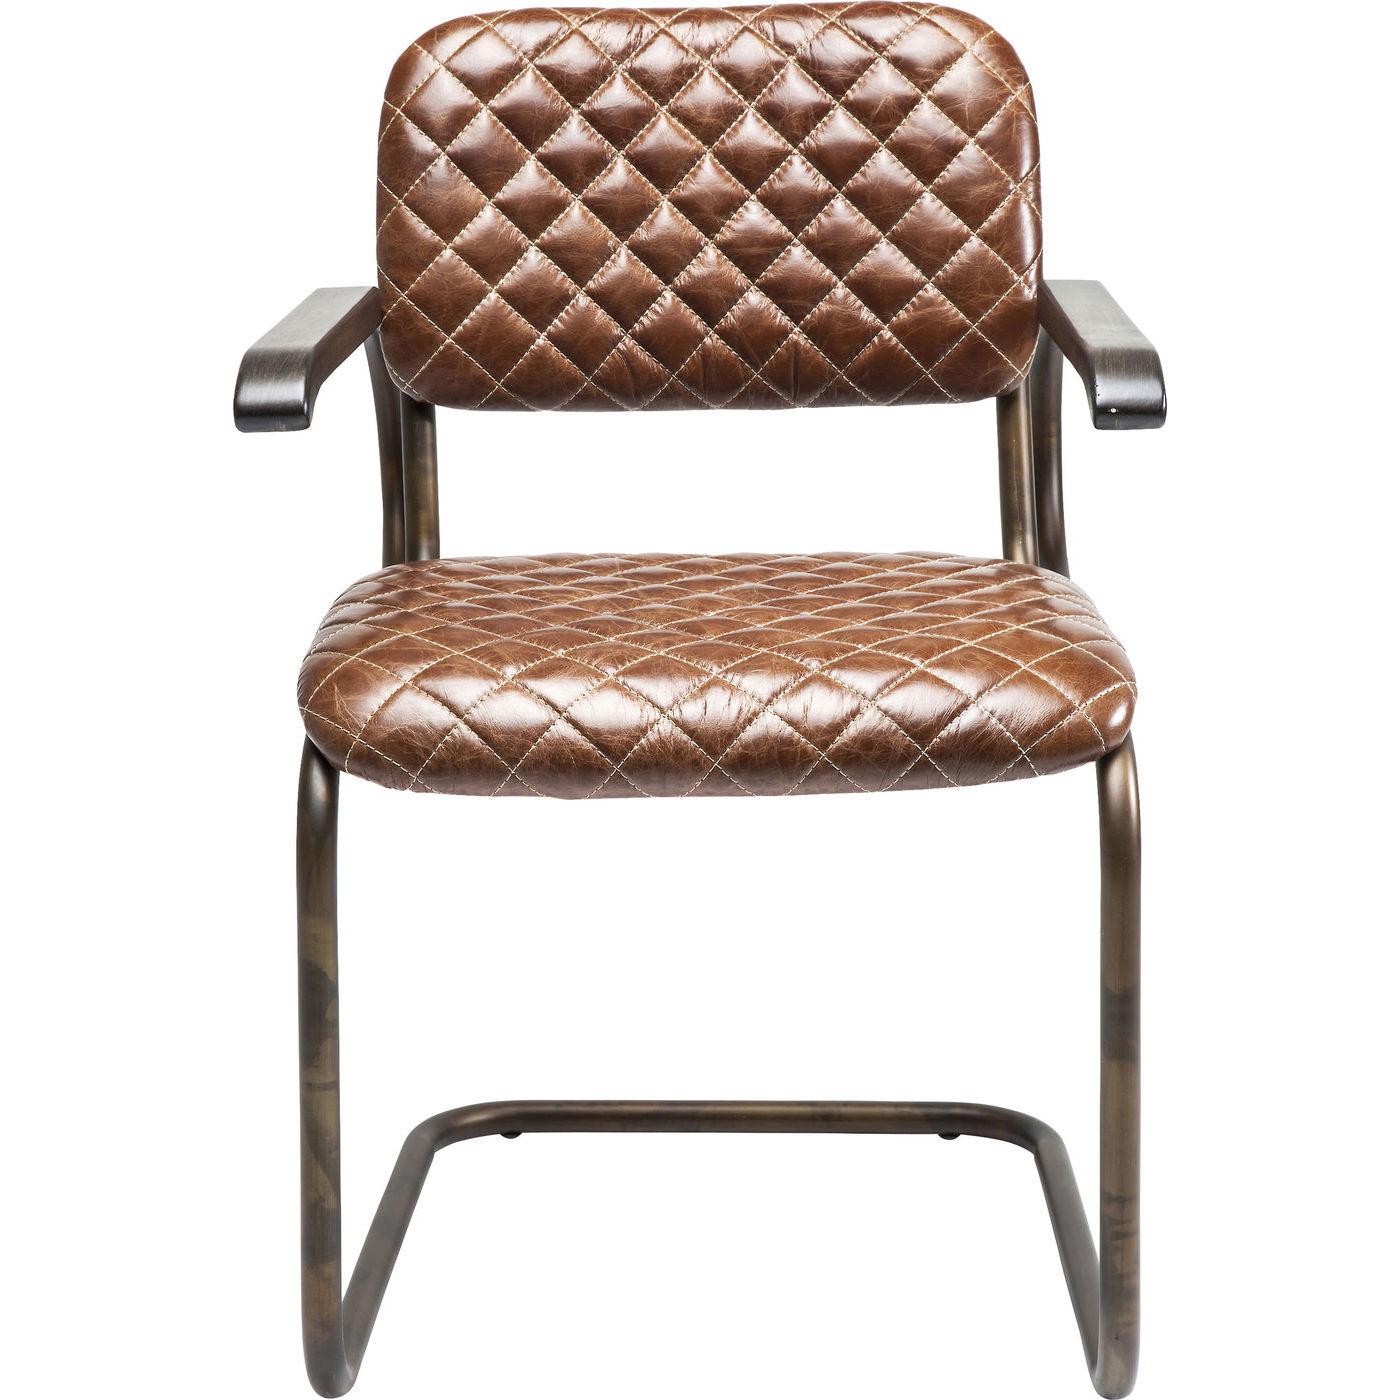 Billede af Kare Design Cantilever Spisebordsstol med armlæn, Stich Br